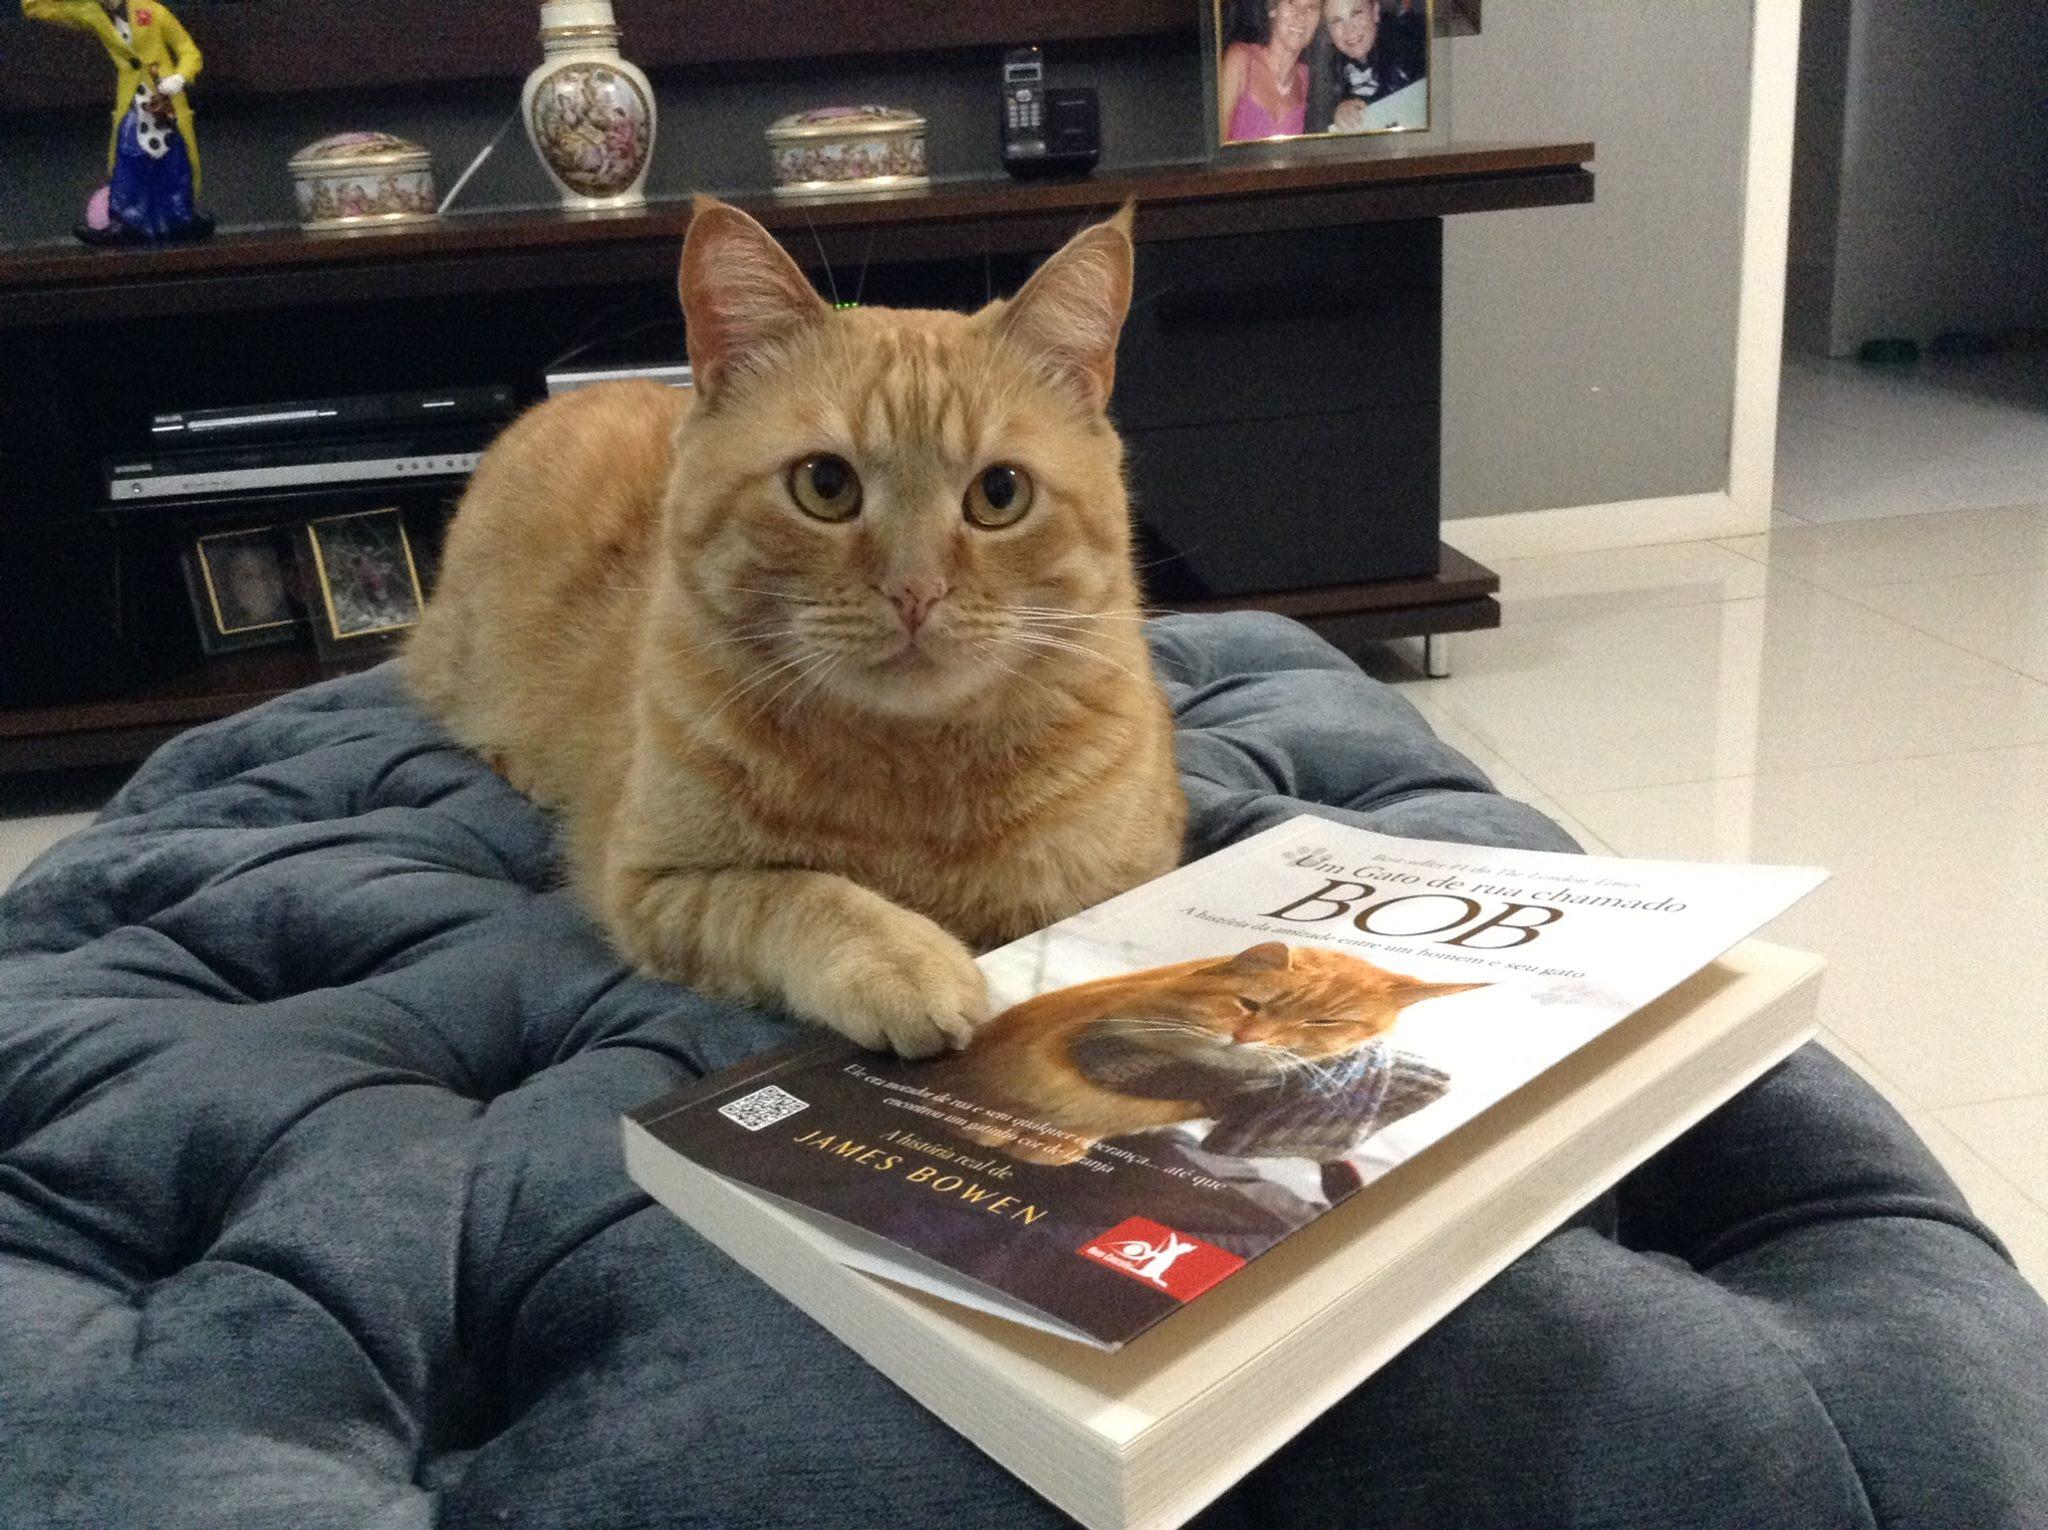 Gigantisku izmēru kaķis! VIDEO - azboulings.lv